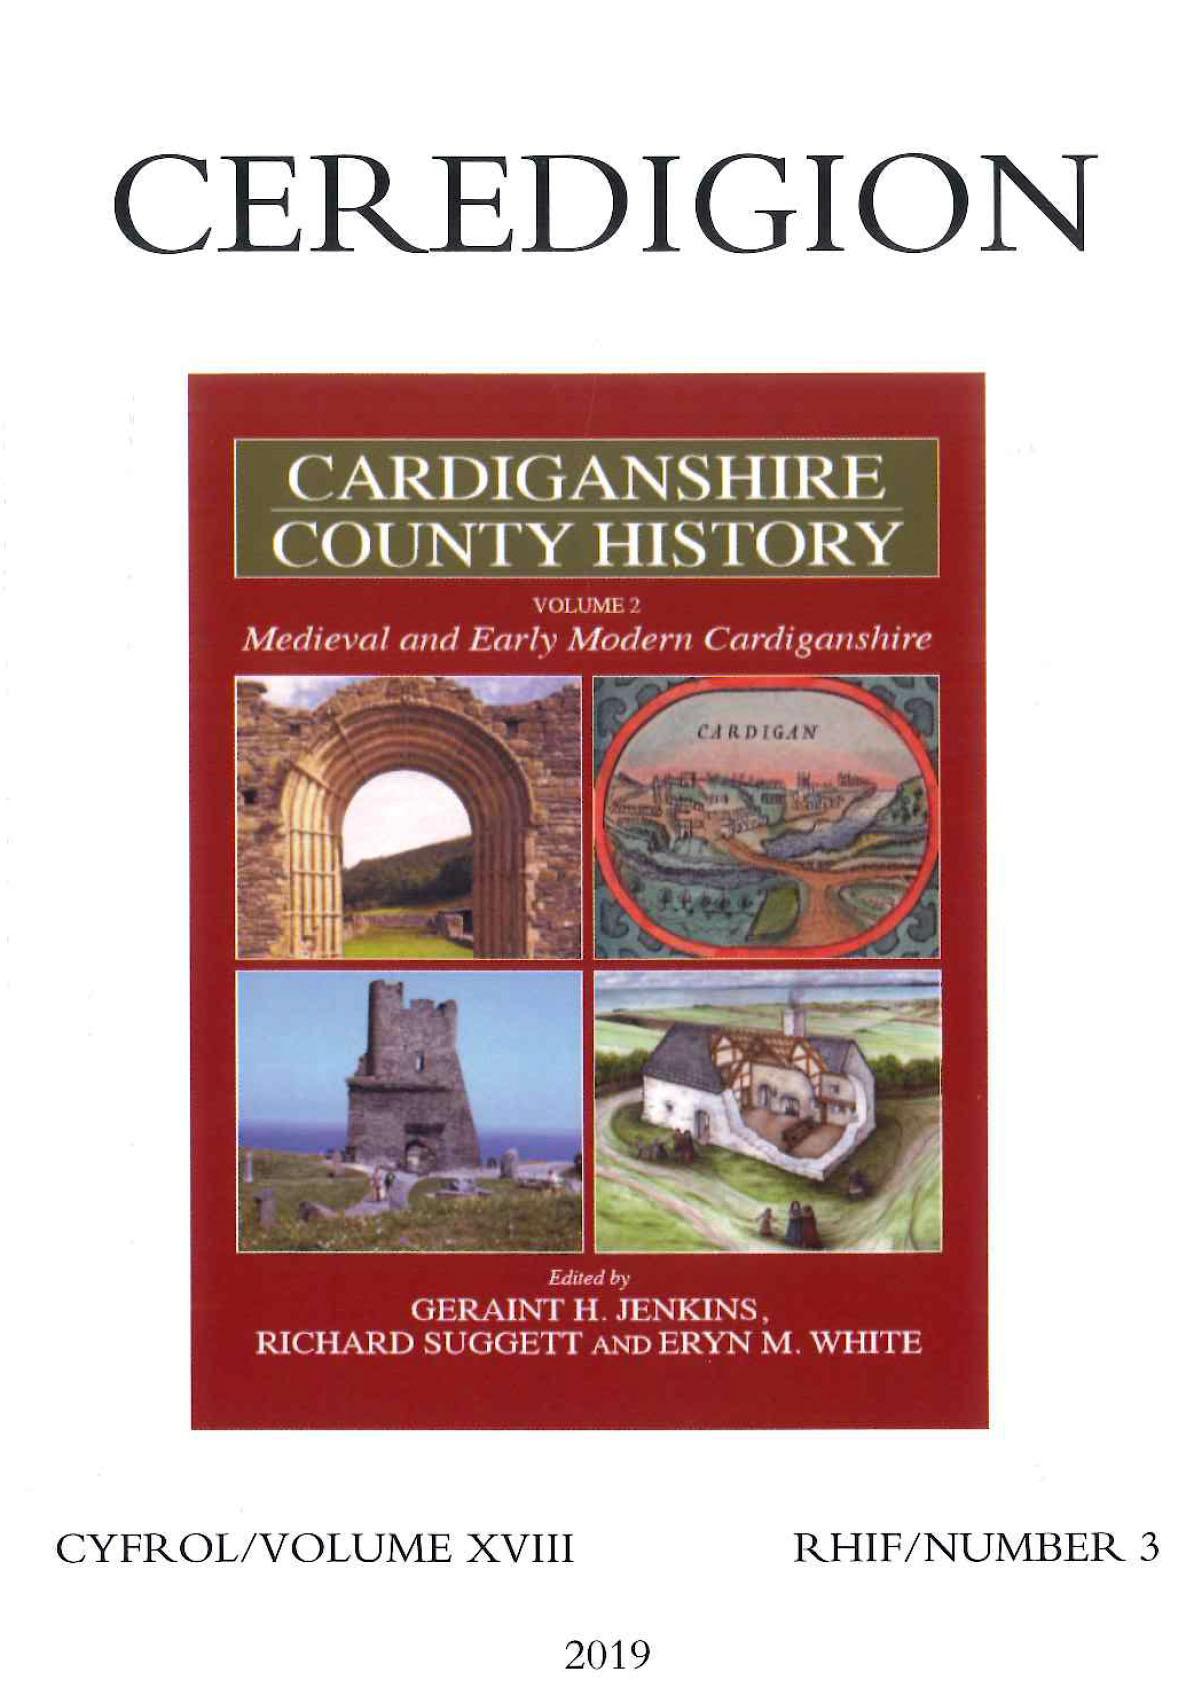 Ceredigion Historical Society - Ceredigion 2019 - Volume XVIII Number 3